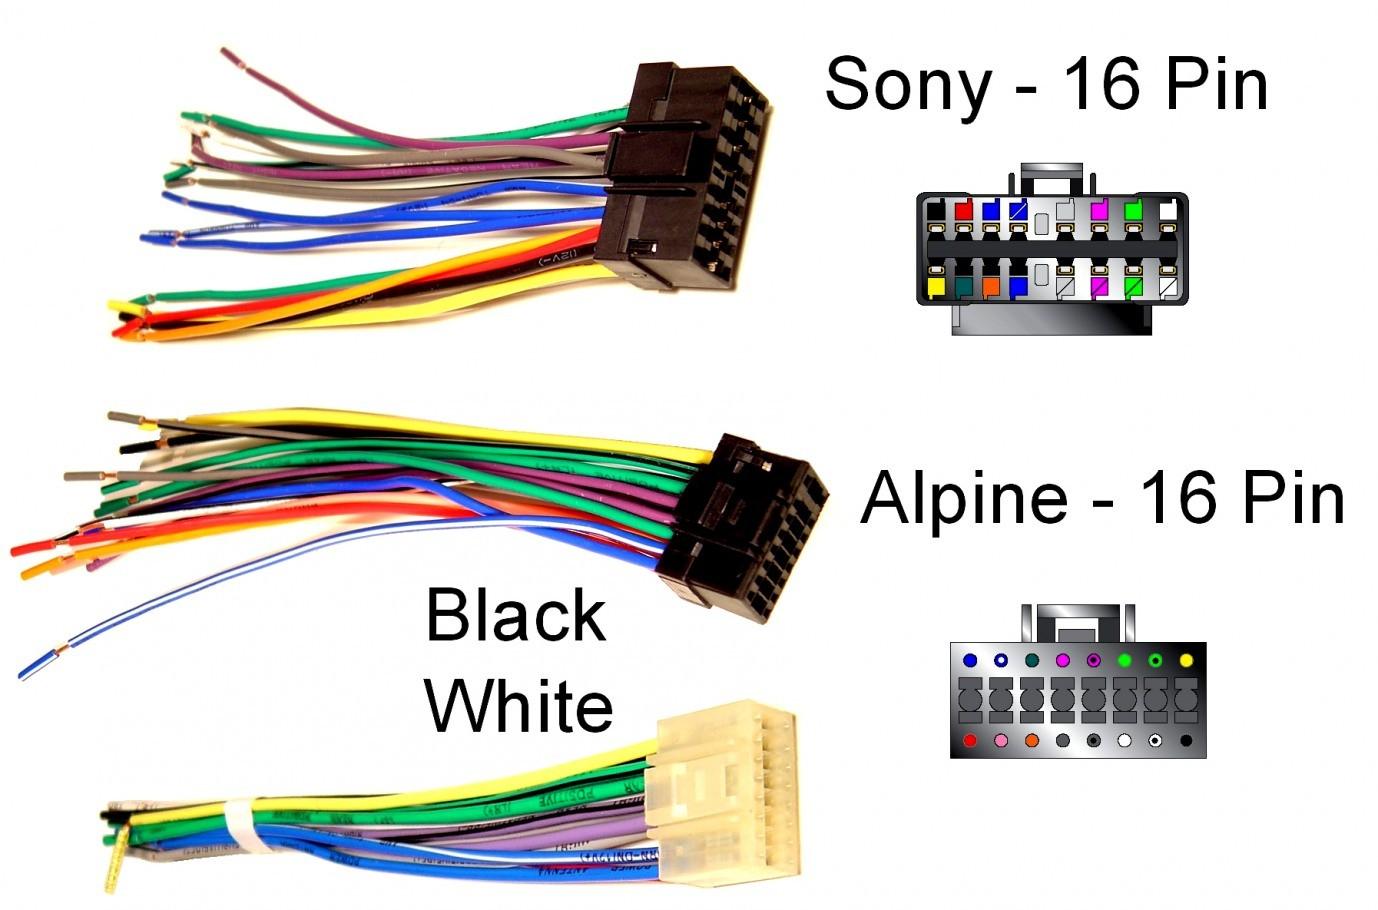 Gm Aftermarket Stereo Wiring Diagram 16 - 1997 Kia Sephia Wiring Diagrams -  polarisss.diagramford.jeanjaures37.fr [ 910 x 1378 Pixel ]